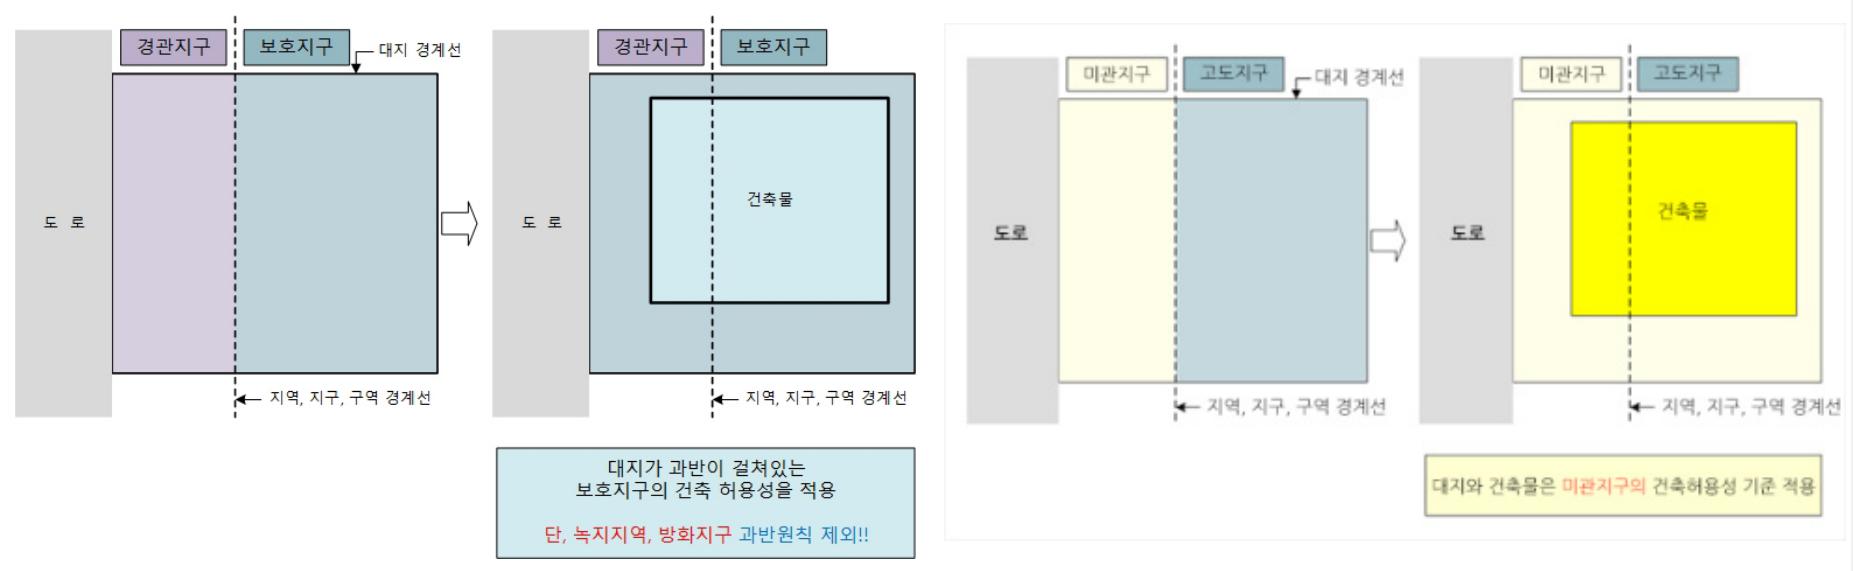 대지현황(왼쪽), 건축허용성 적용기준(오른쪽): 과반의 원칙 개념